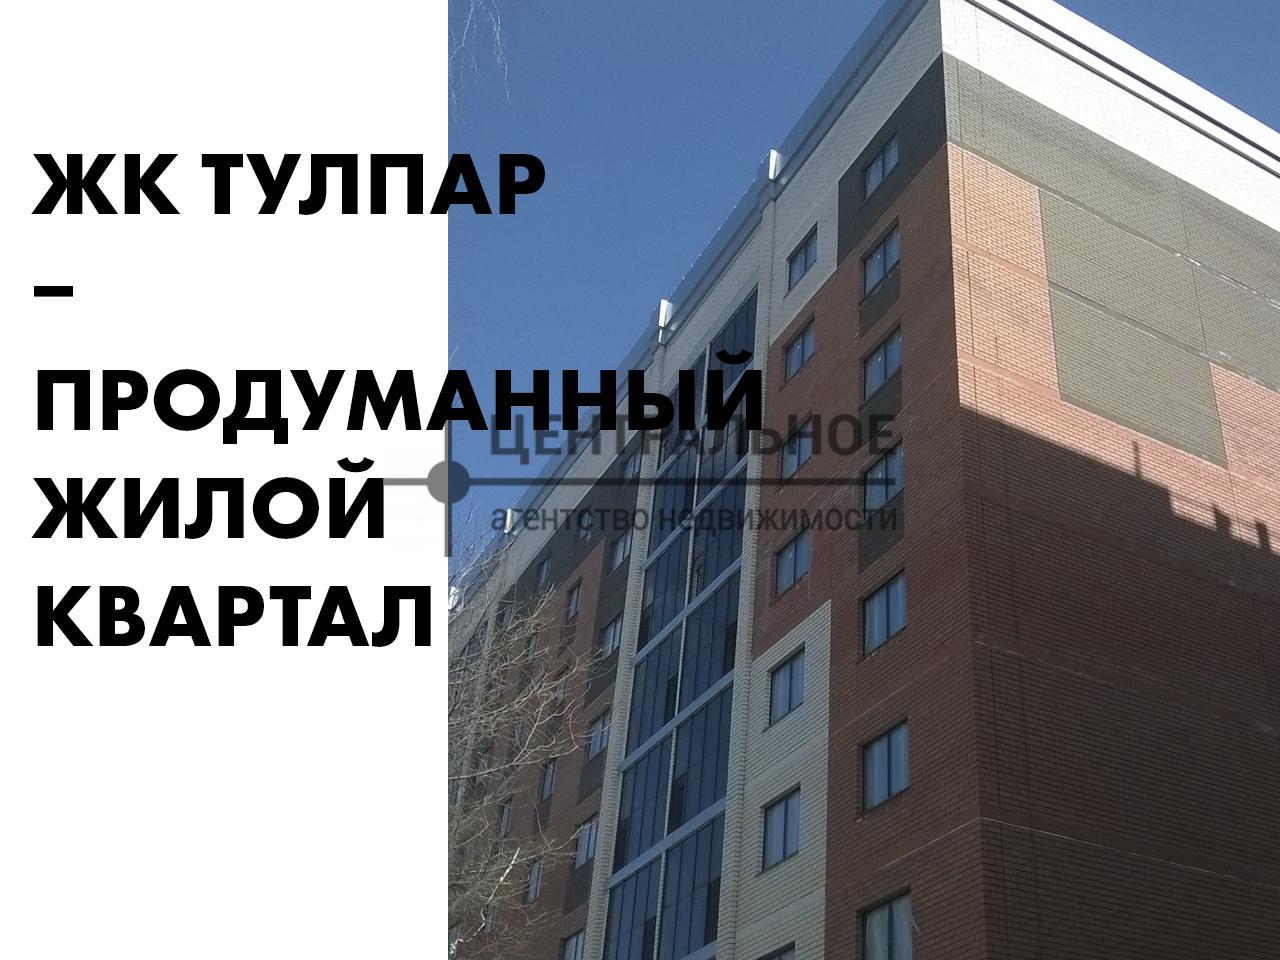 Продажа 2-к квартиры рауиса гареева